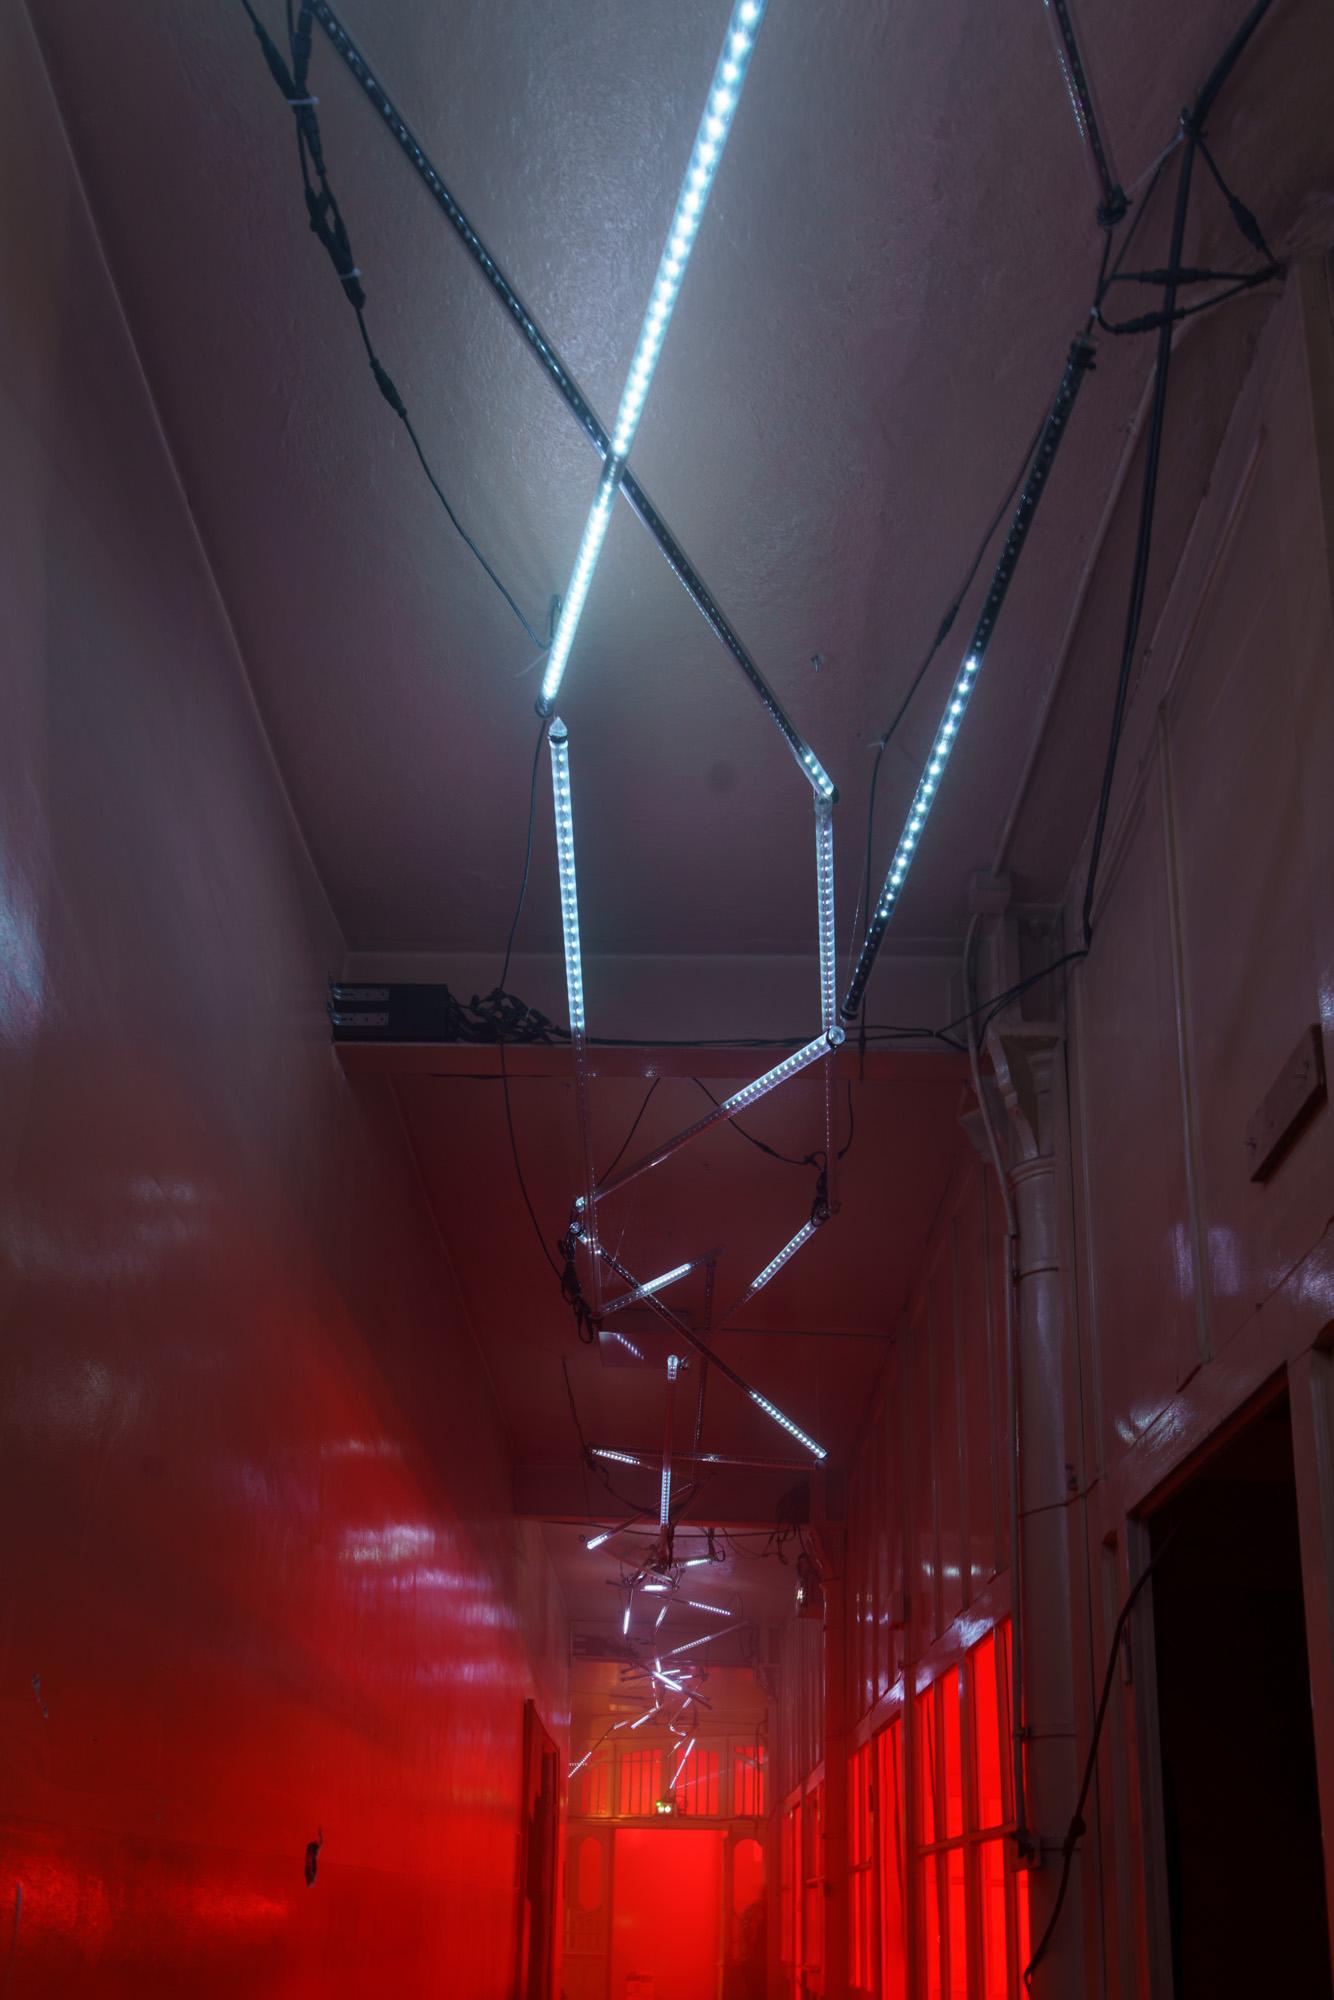 15-12-04 AV Exciters - SelEstArt © Bartosch Salmanski - www.128db.fr 0029